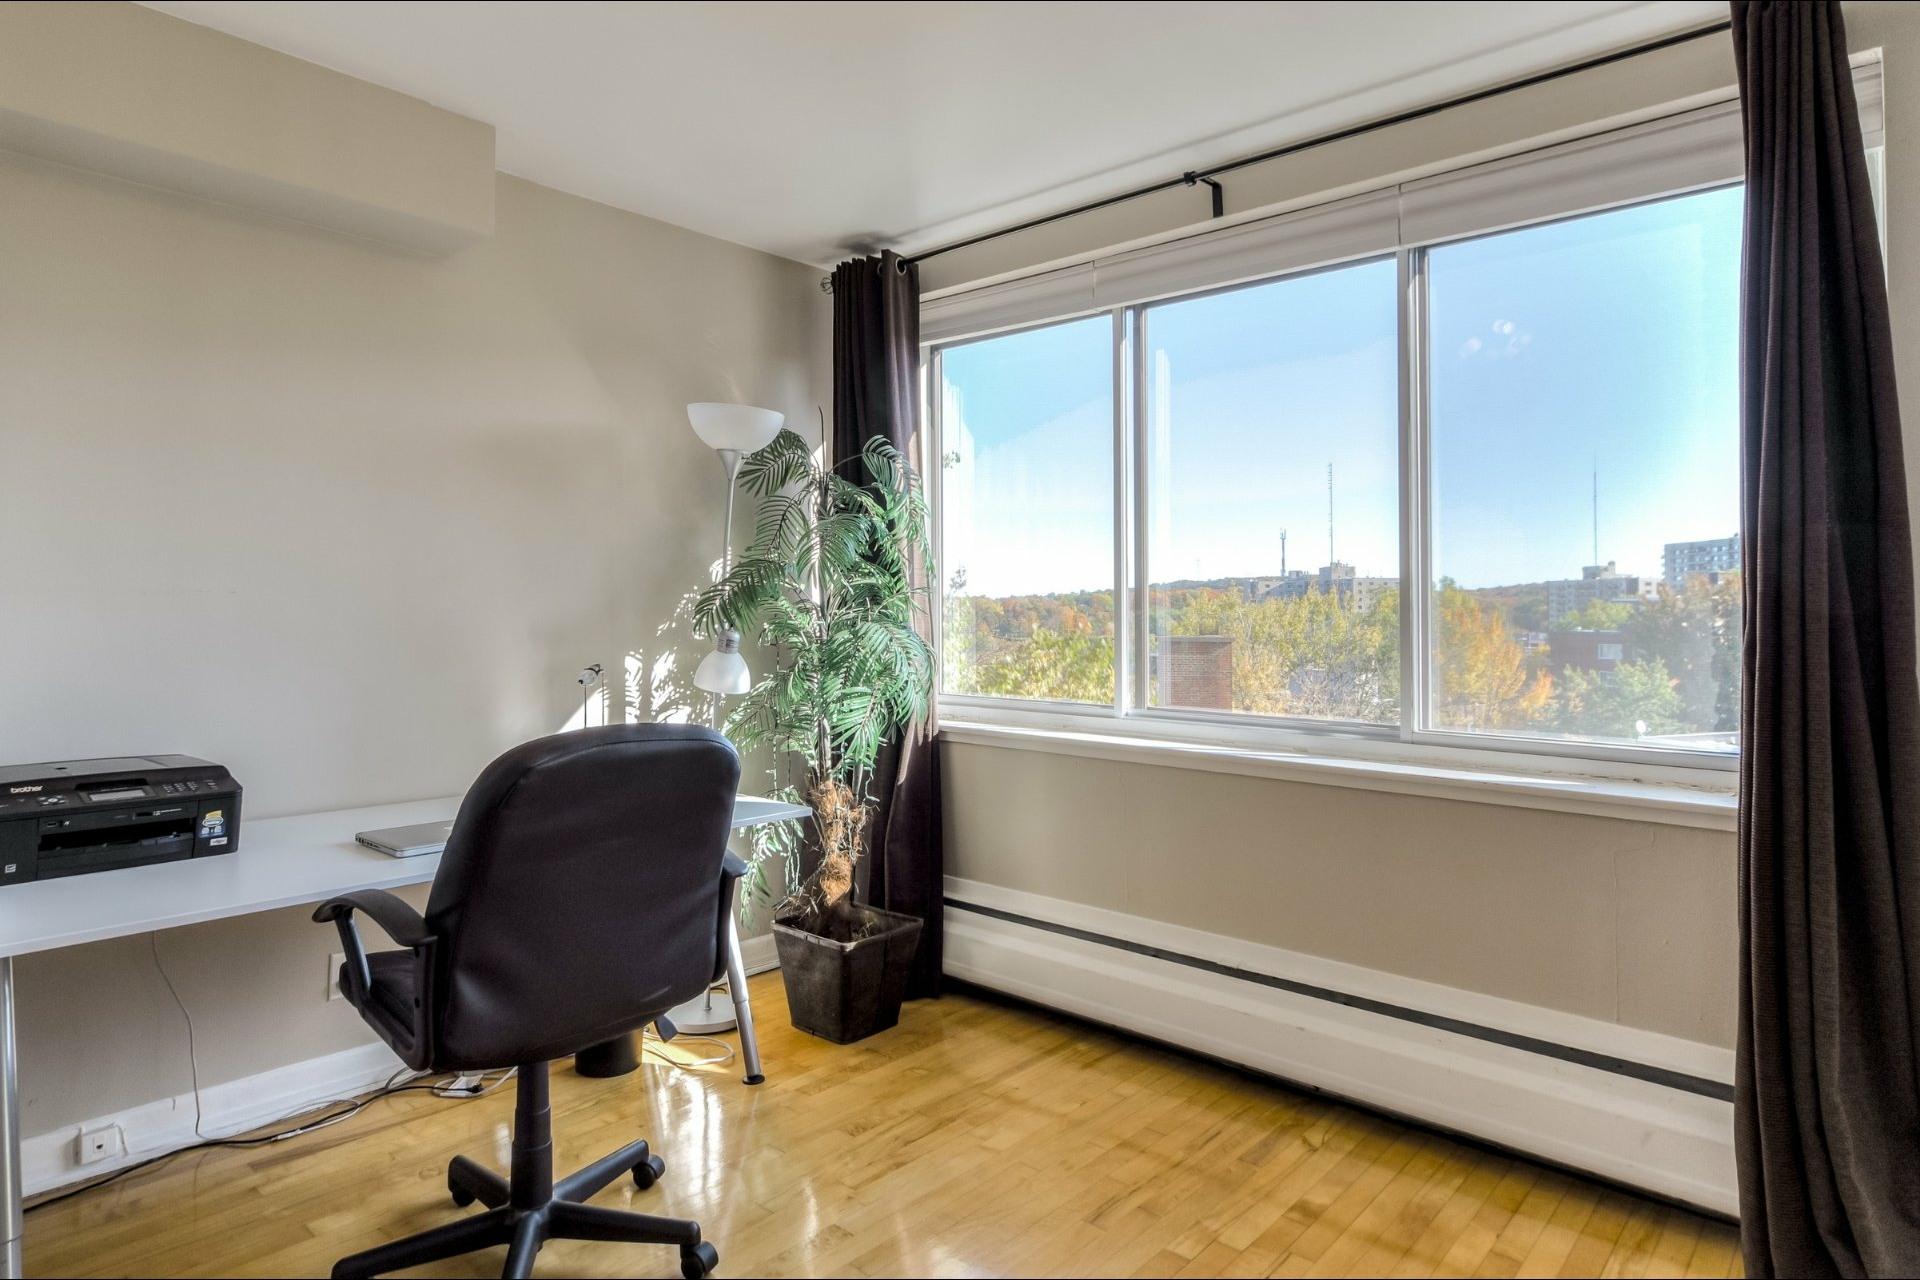 image 15 - Appartement À vendre Côte-des-Neiges/Notre-Dame-de-Grâce Montréal  - 4 pièces